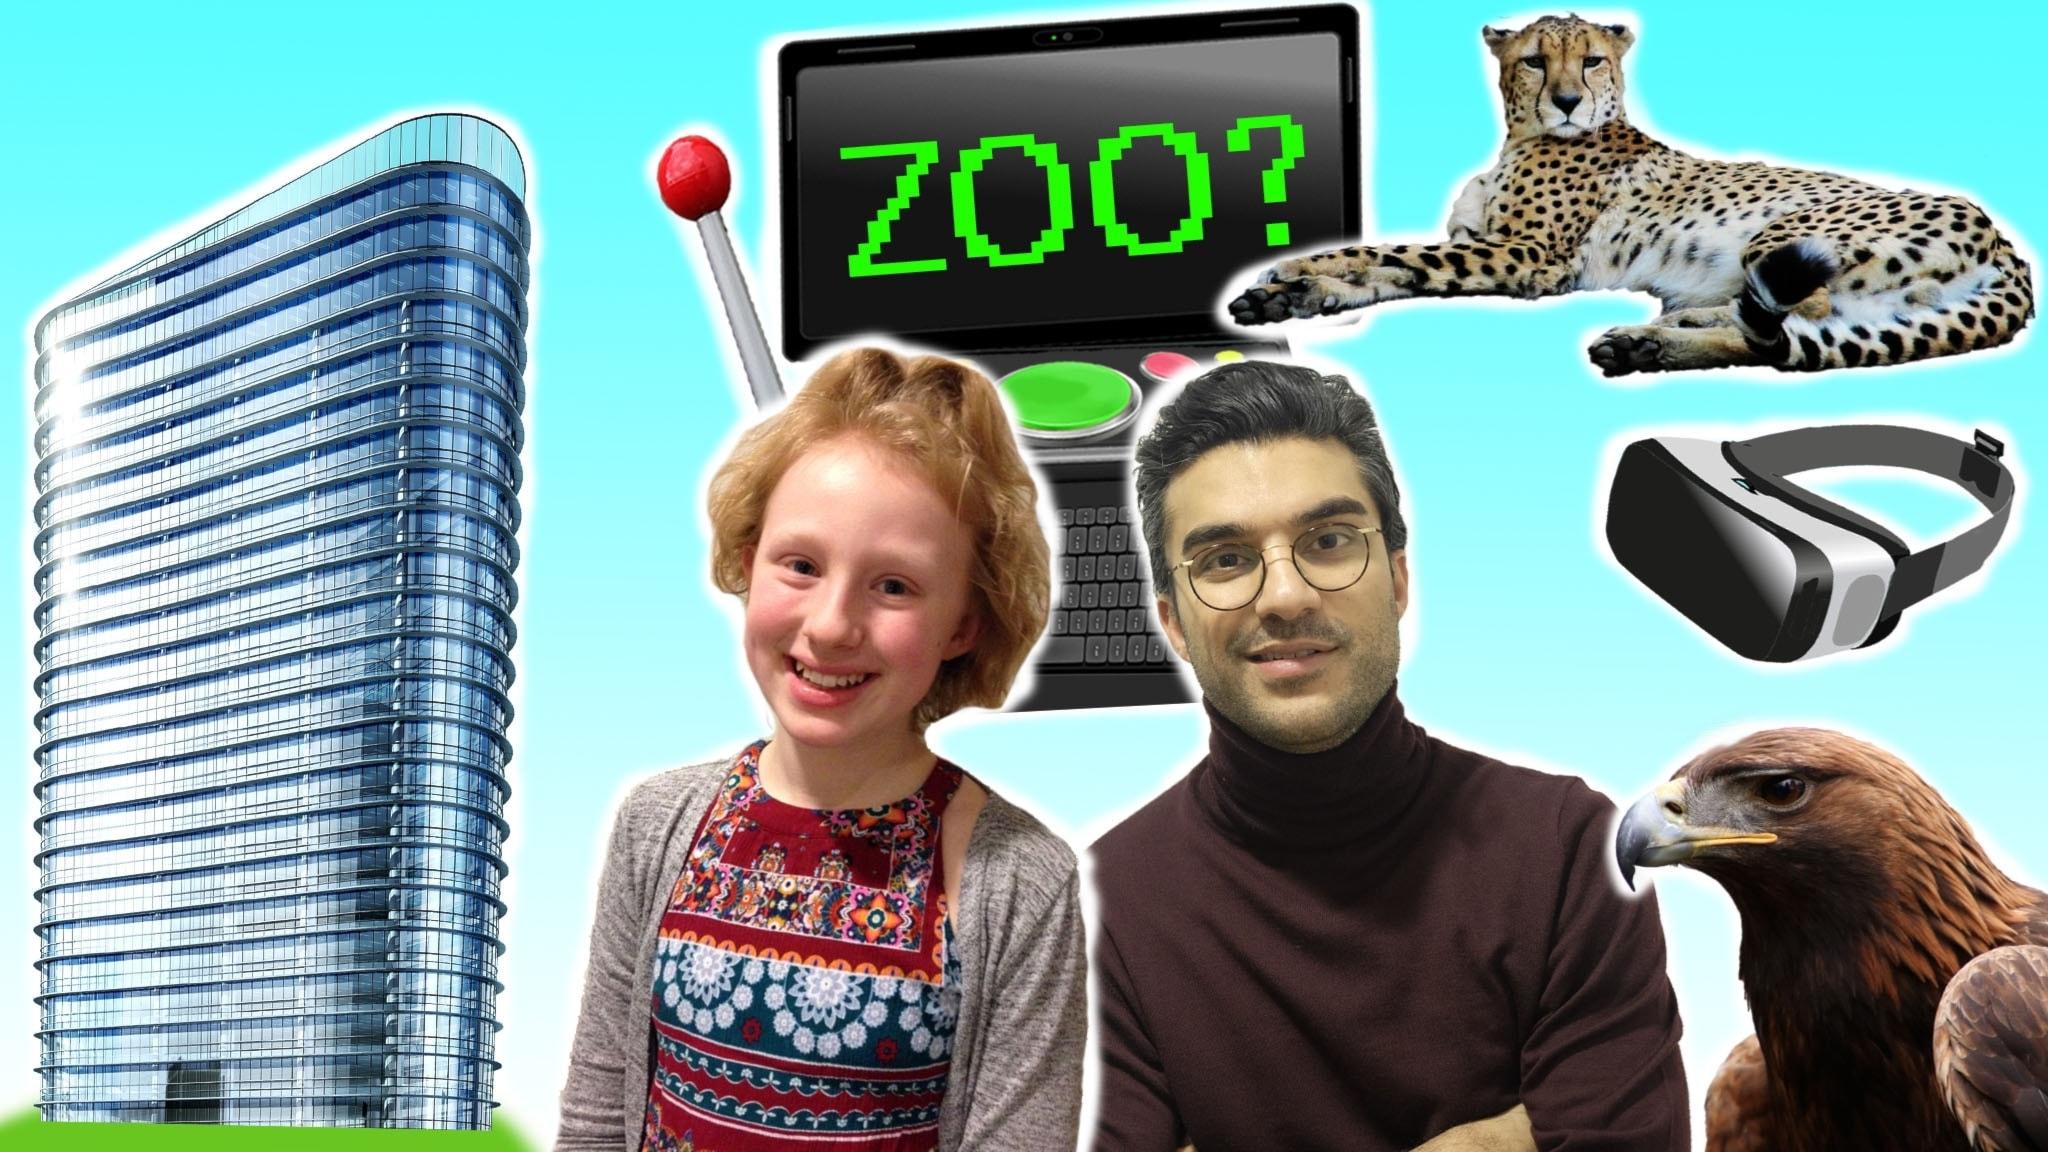 Hur kommer det vara att gå på zoo i framtiden?